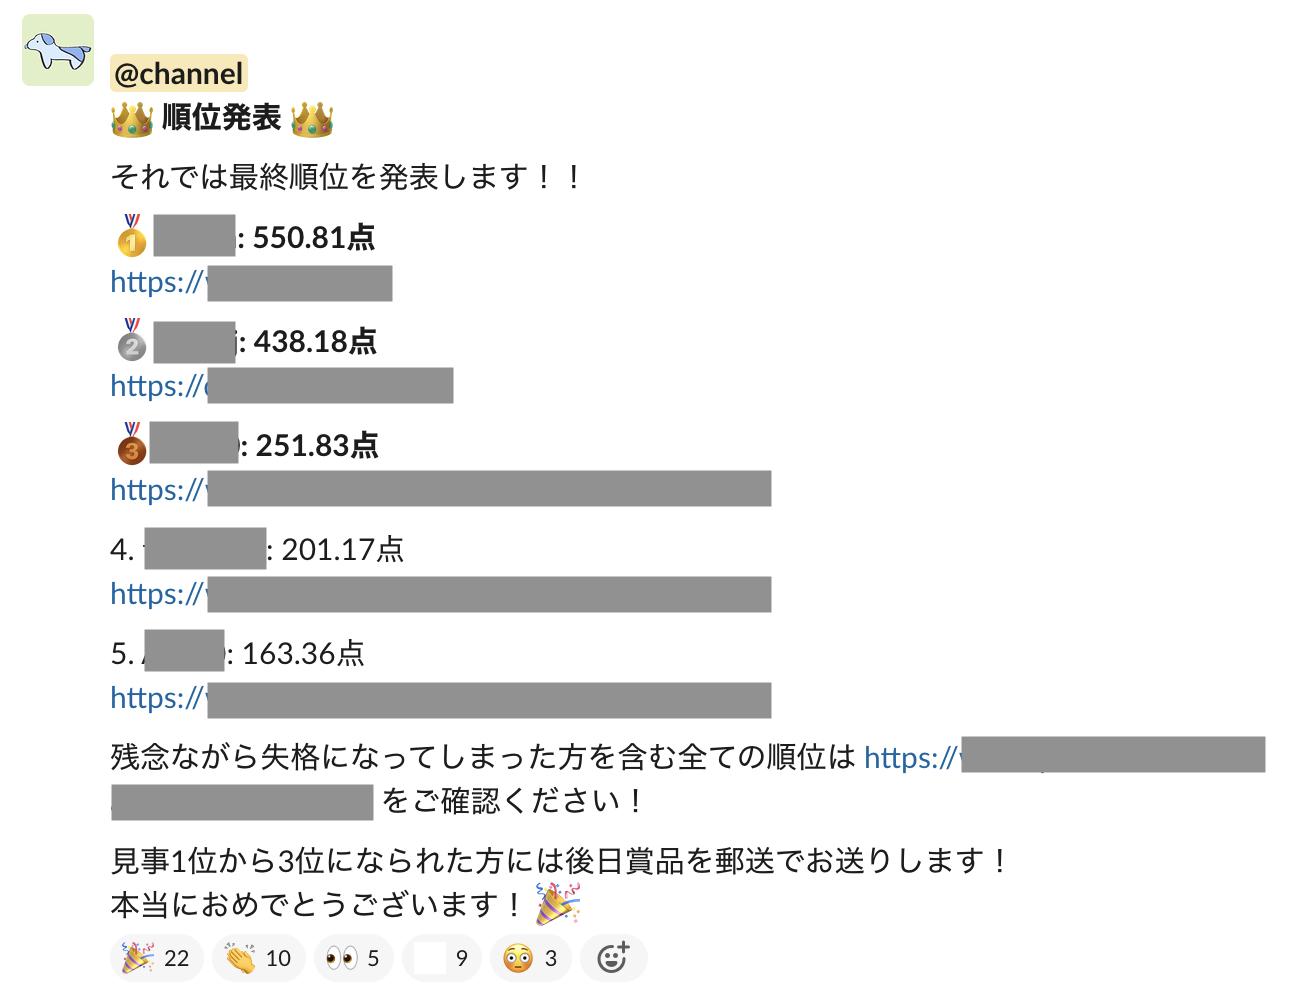 競技の最終順位を Slack で発表している様子